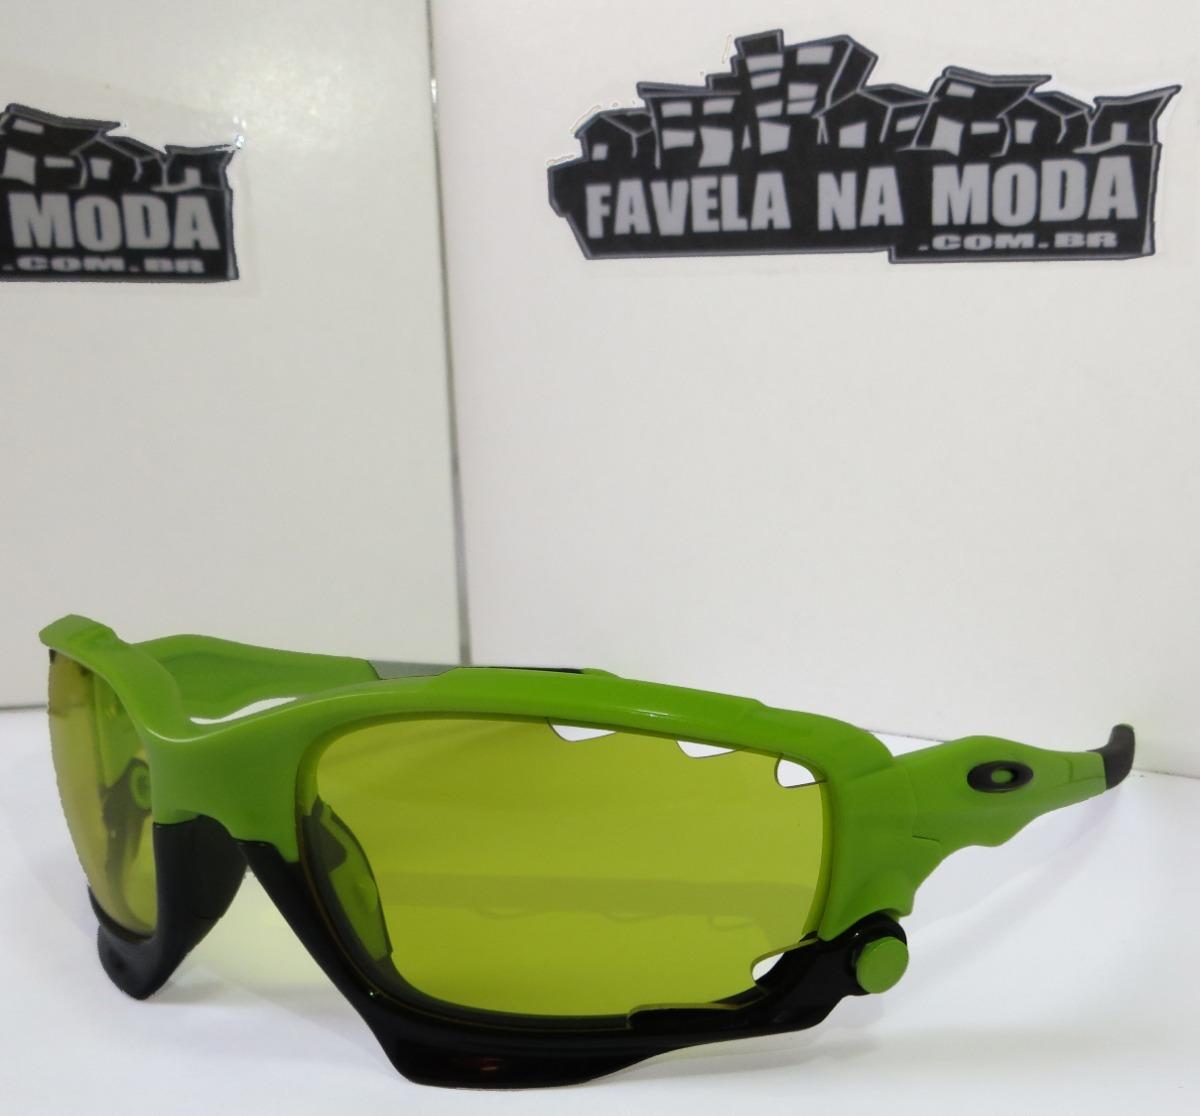 bfcc6a743cfbf óculos oakley jawbone (verde preto)+ 2 pares de lentes +. Carregando zoom.